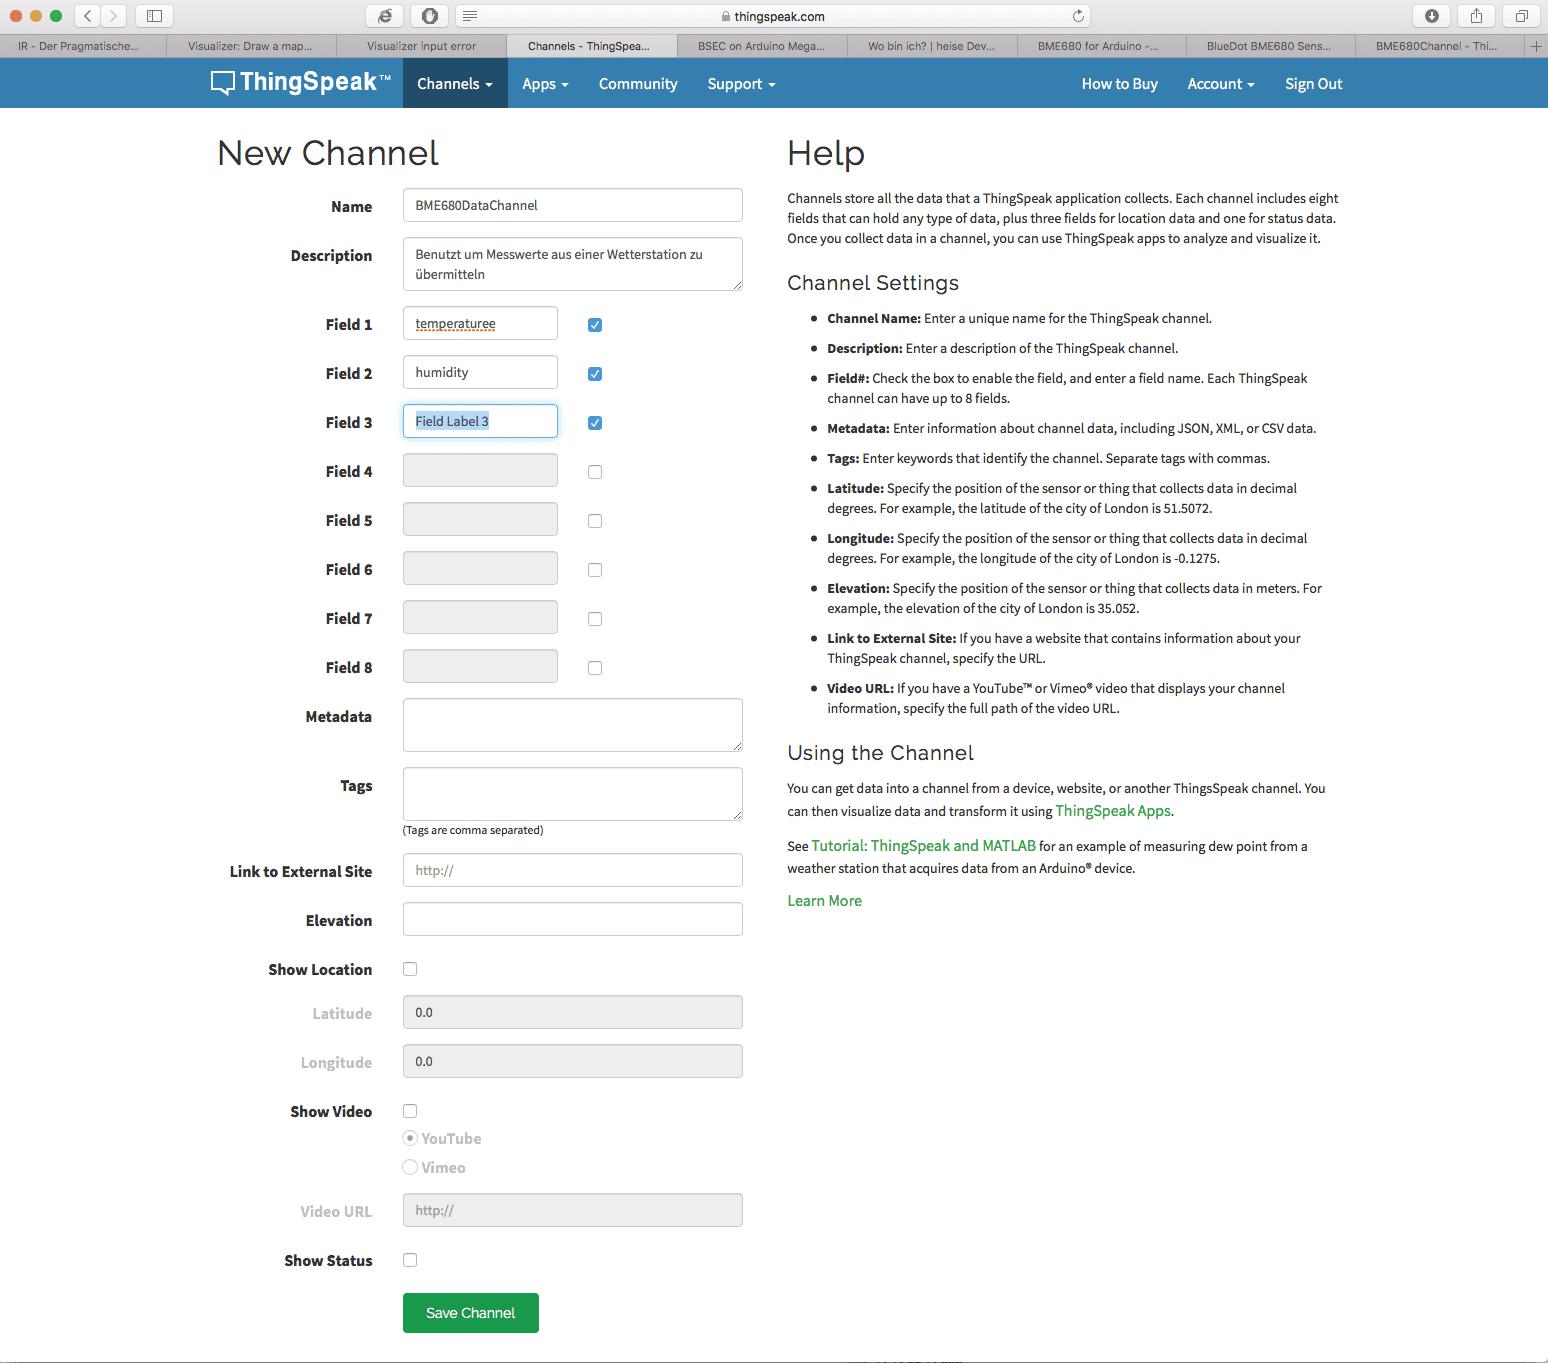 Teilnehmer können ihre eigenen Kanäle anmelden